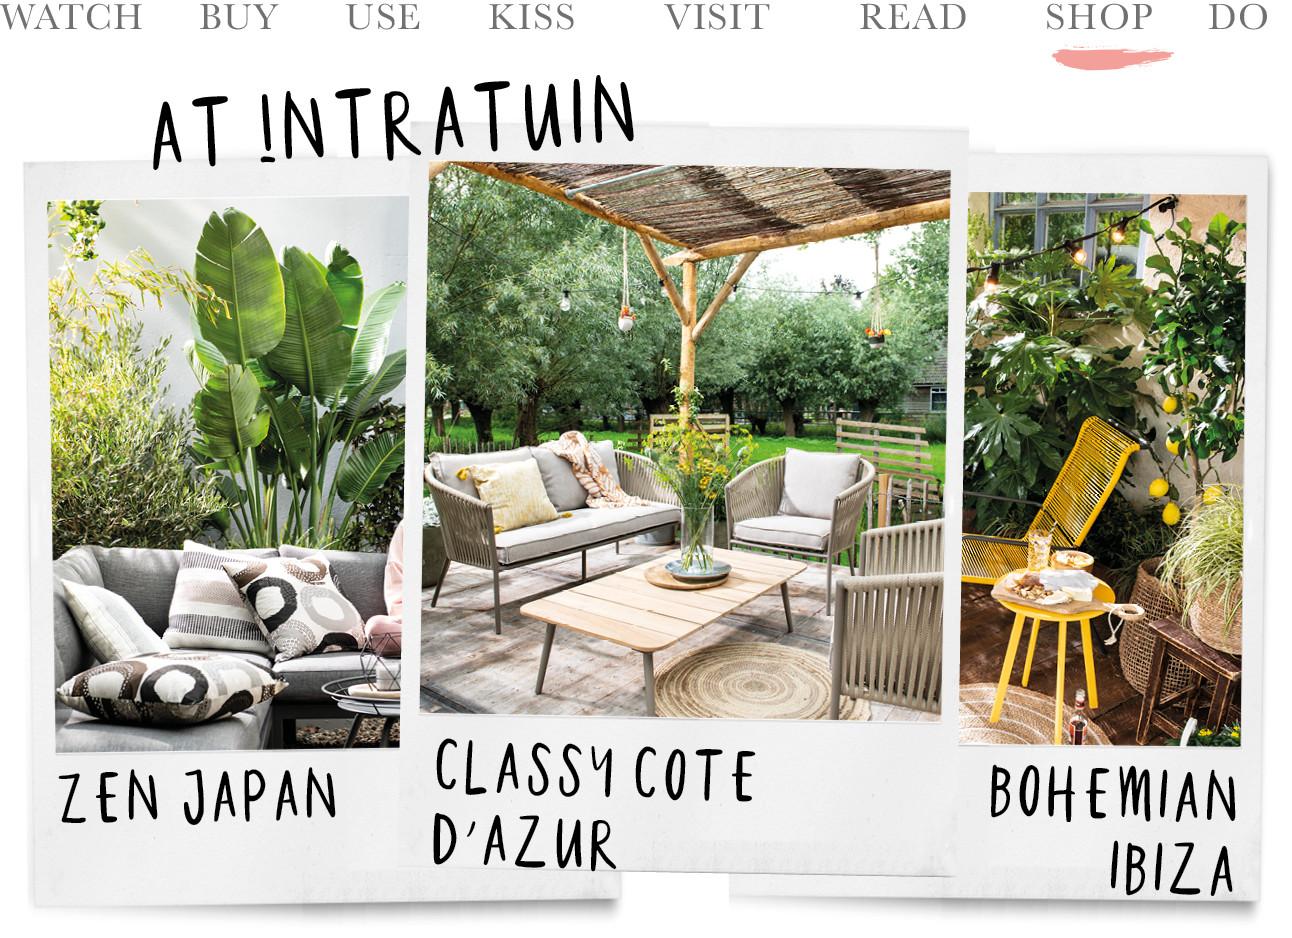 intratuin, tuinen, classy cote dazur, ze n japan en bohemian ibiza